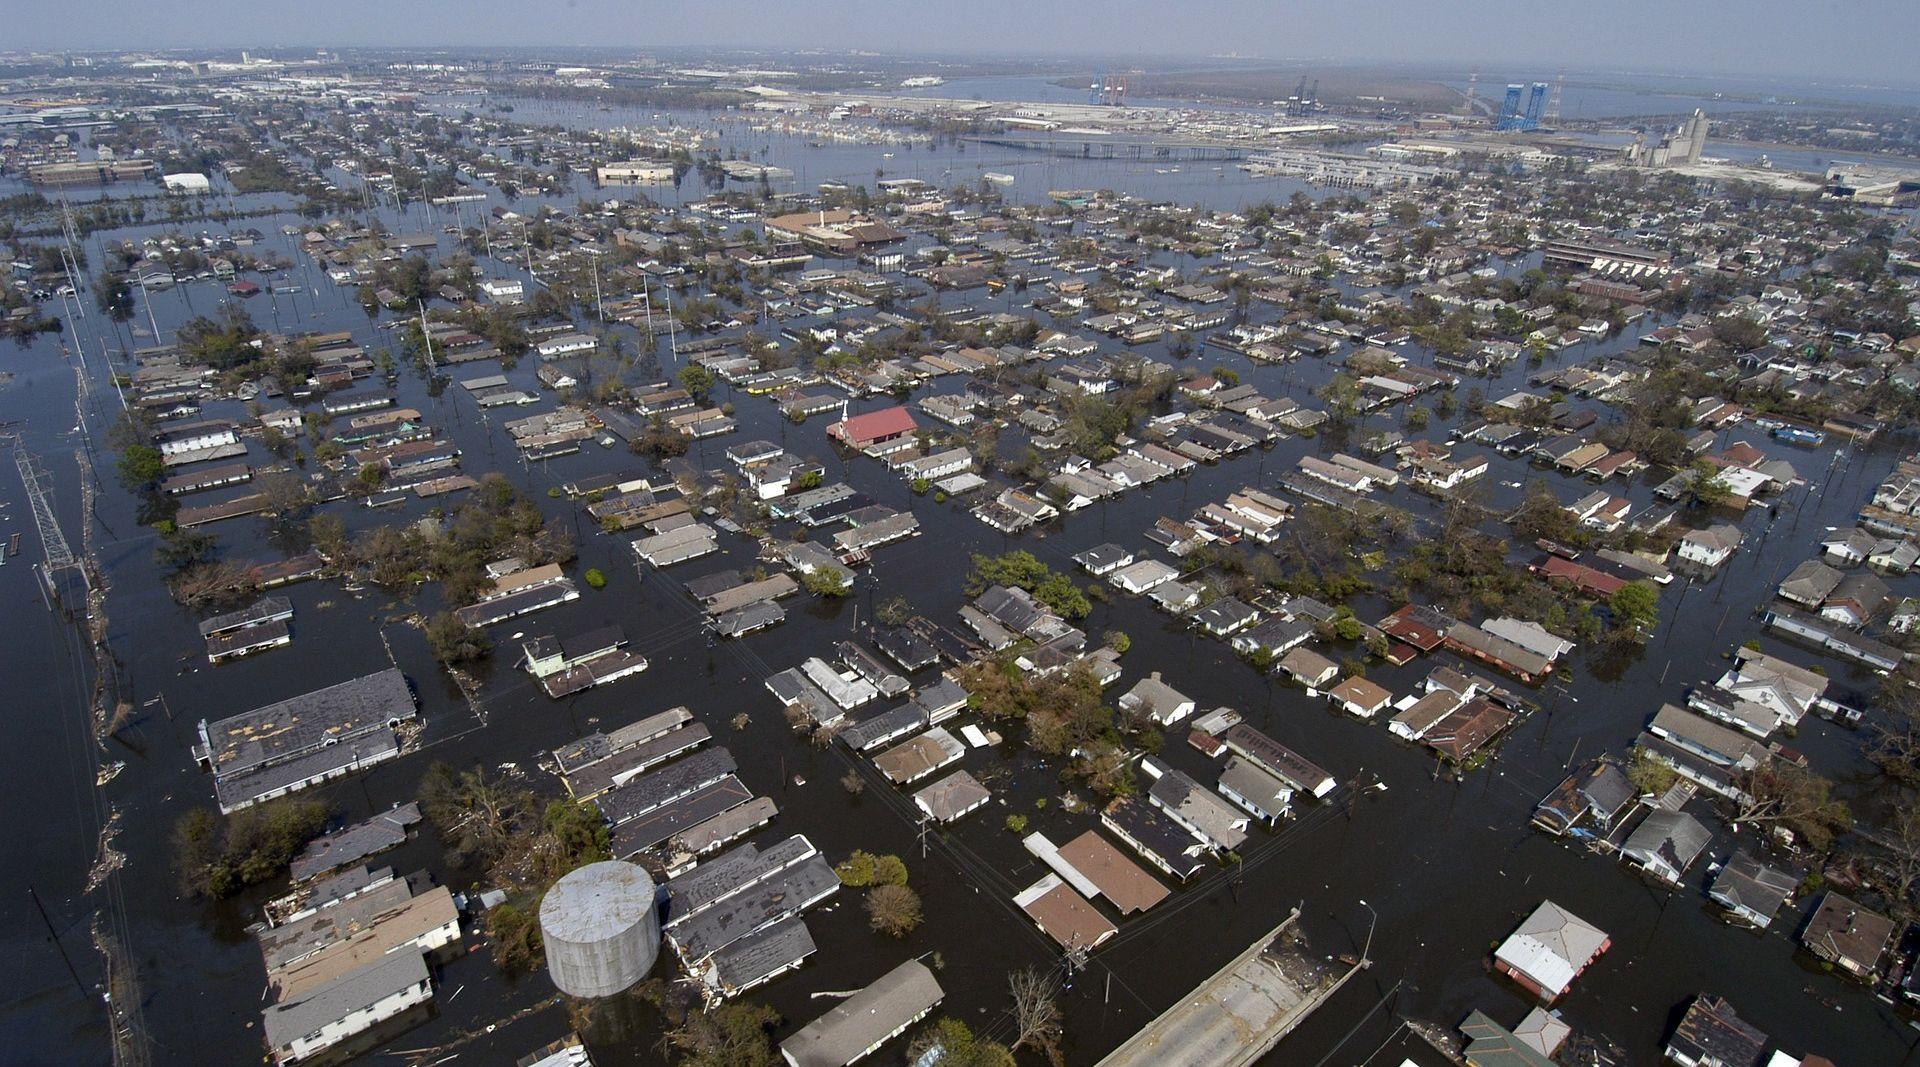 Deset godina od uragana Katrina New Orleans ponovno na nogama